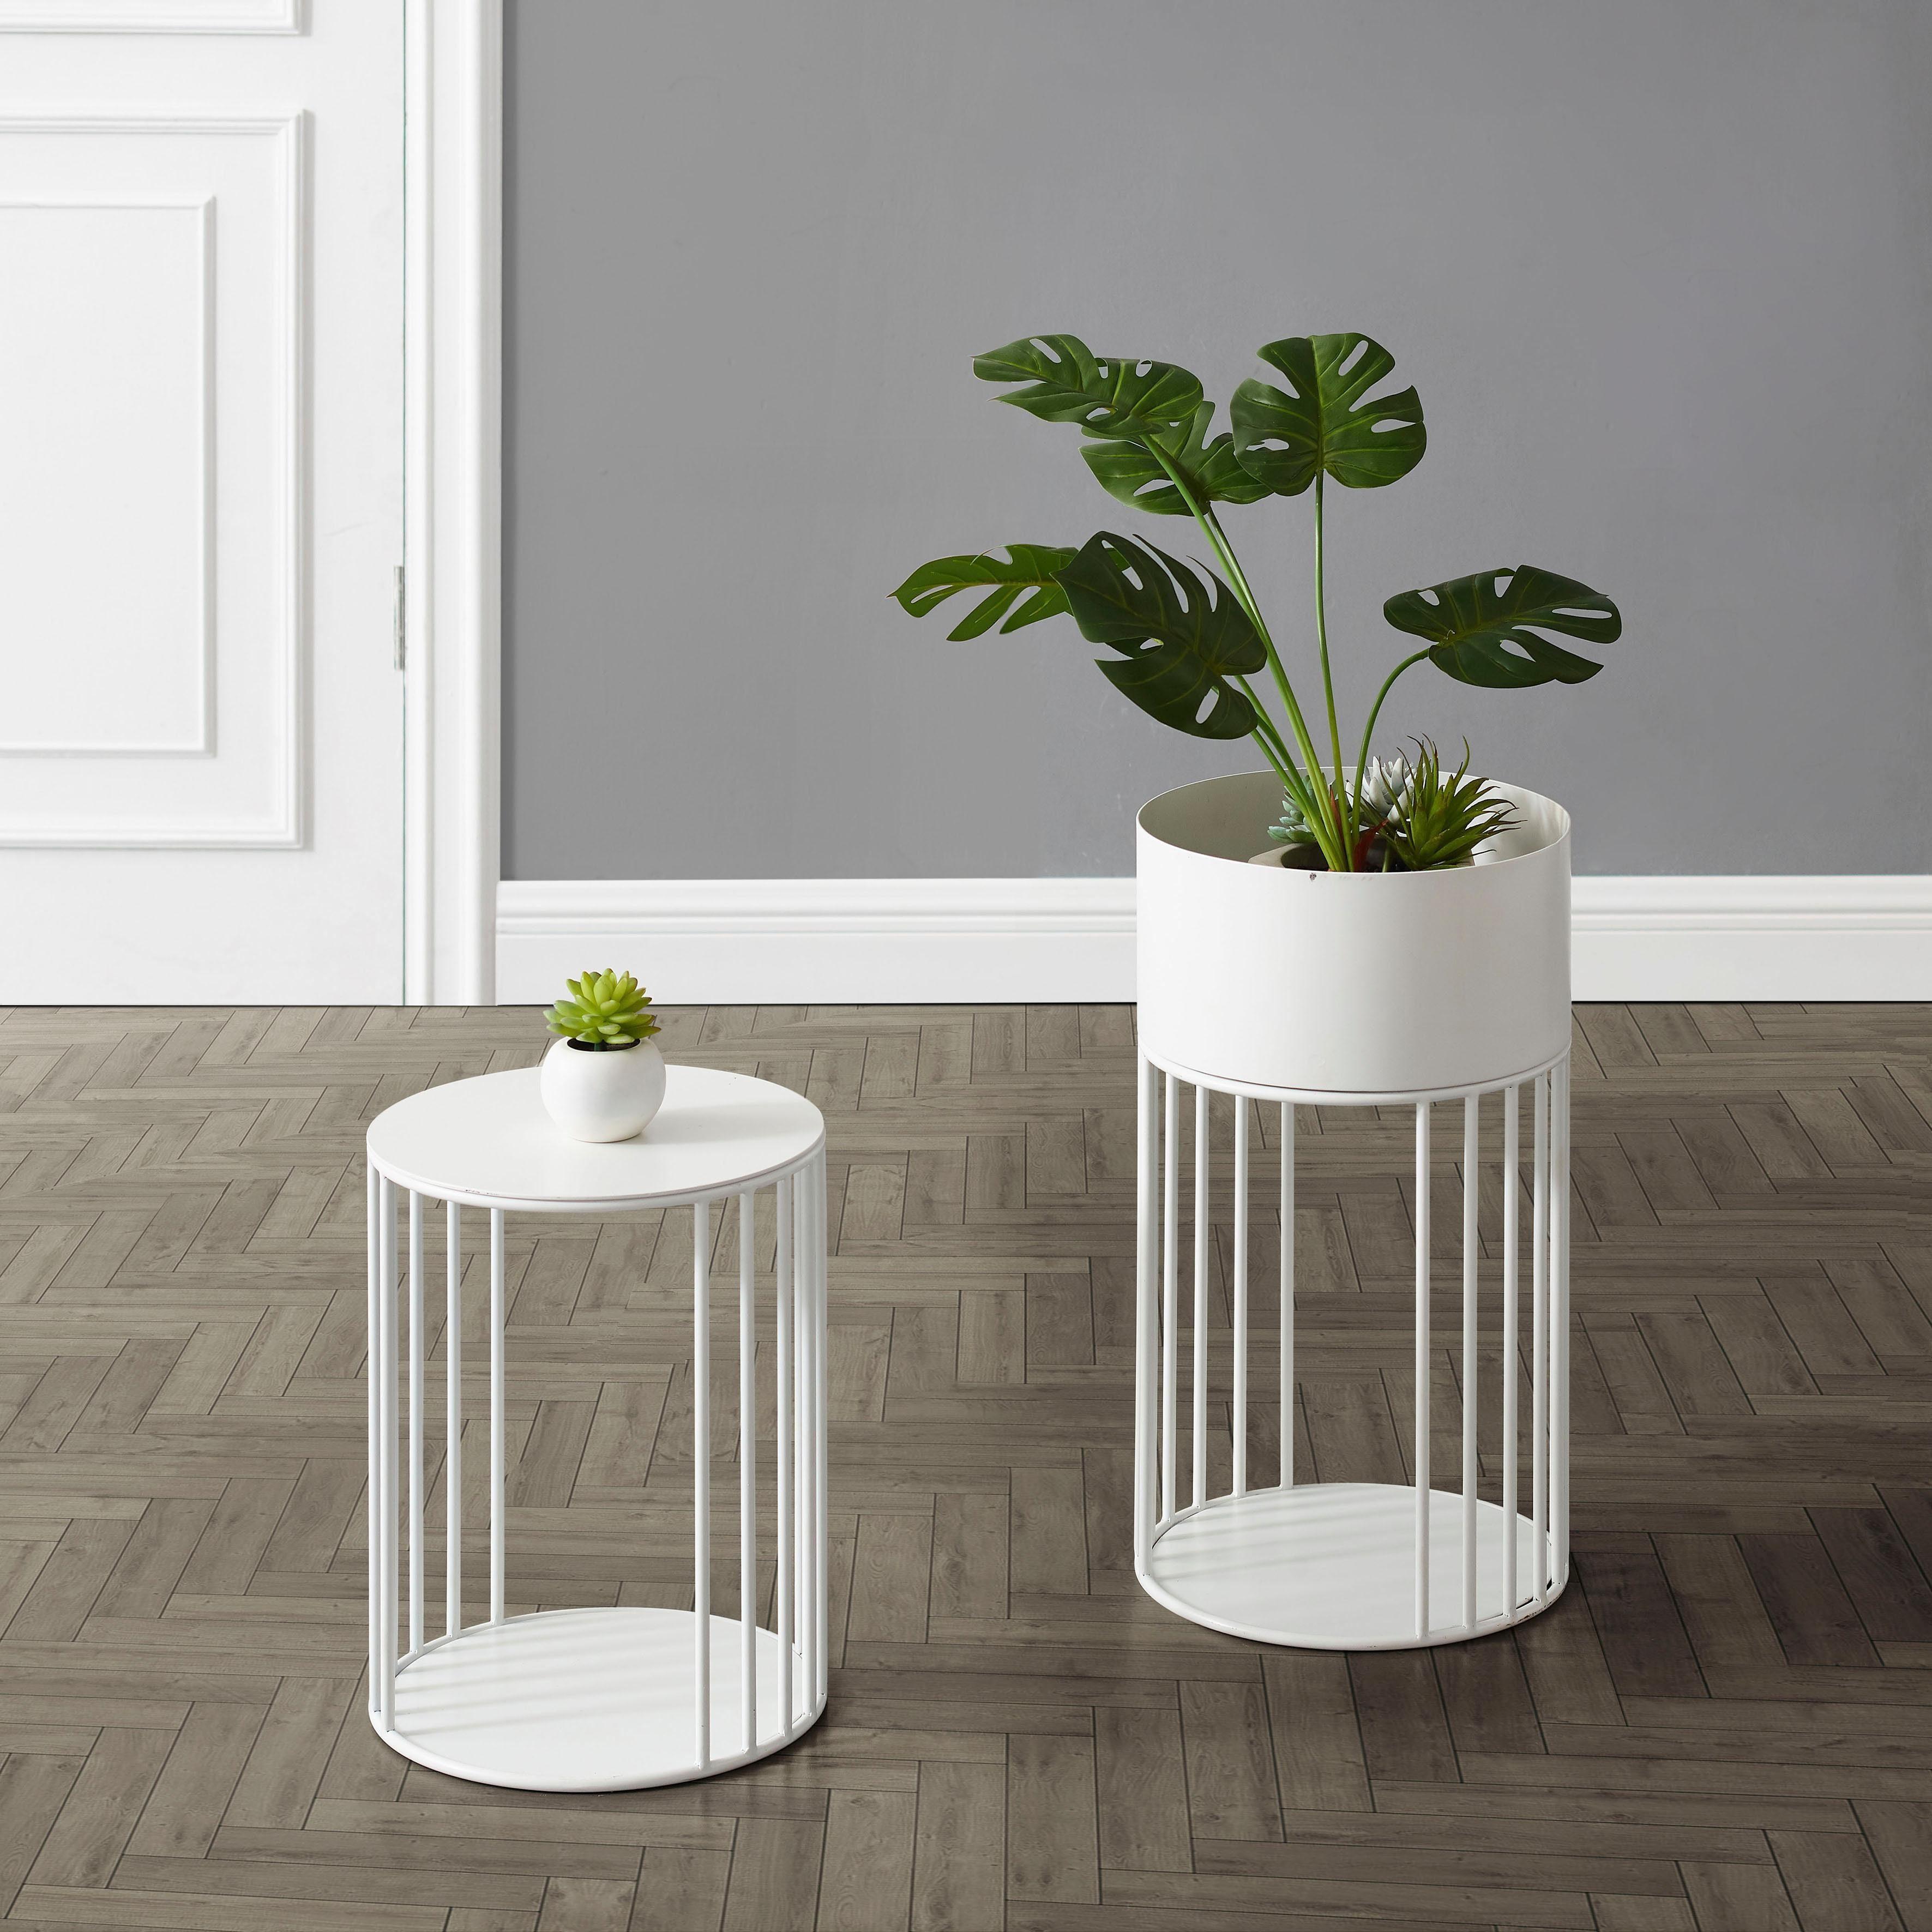 andas Blumentisch Lolland Wohnen/Möbel/Tische/Beistelltische